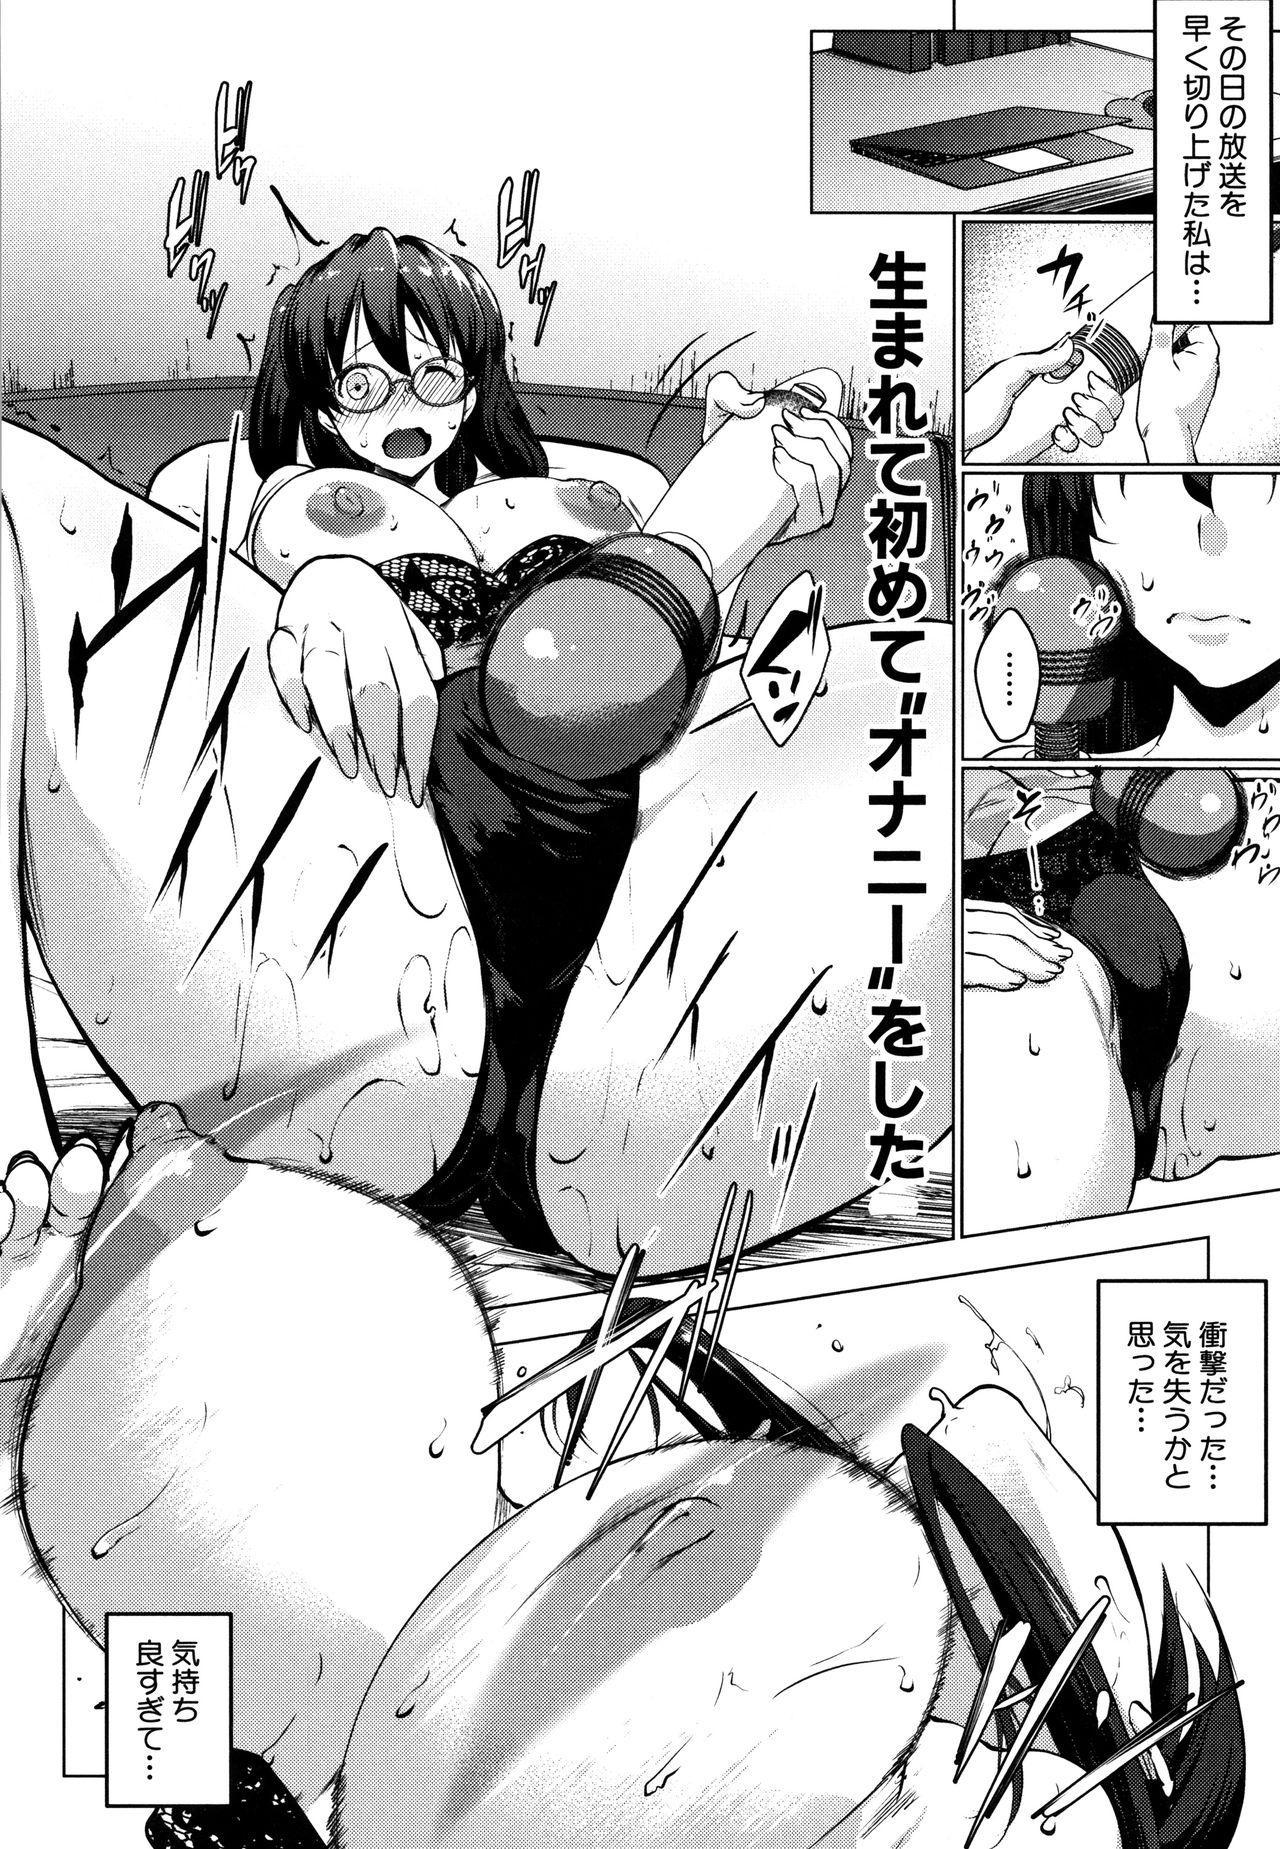 Hentai Seiso M Kanojo 154